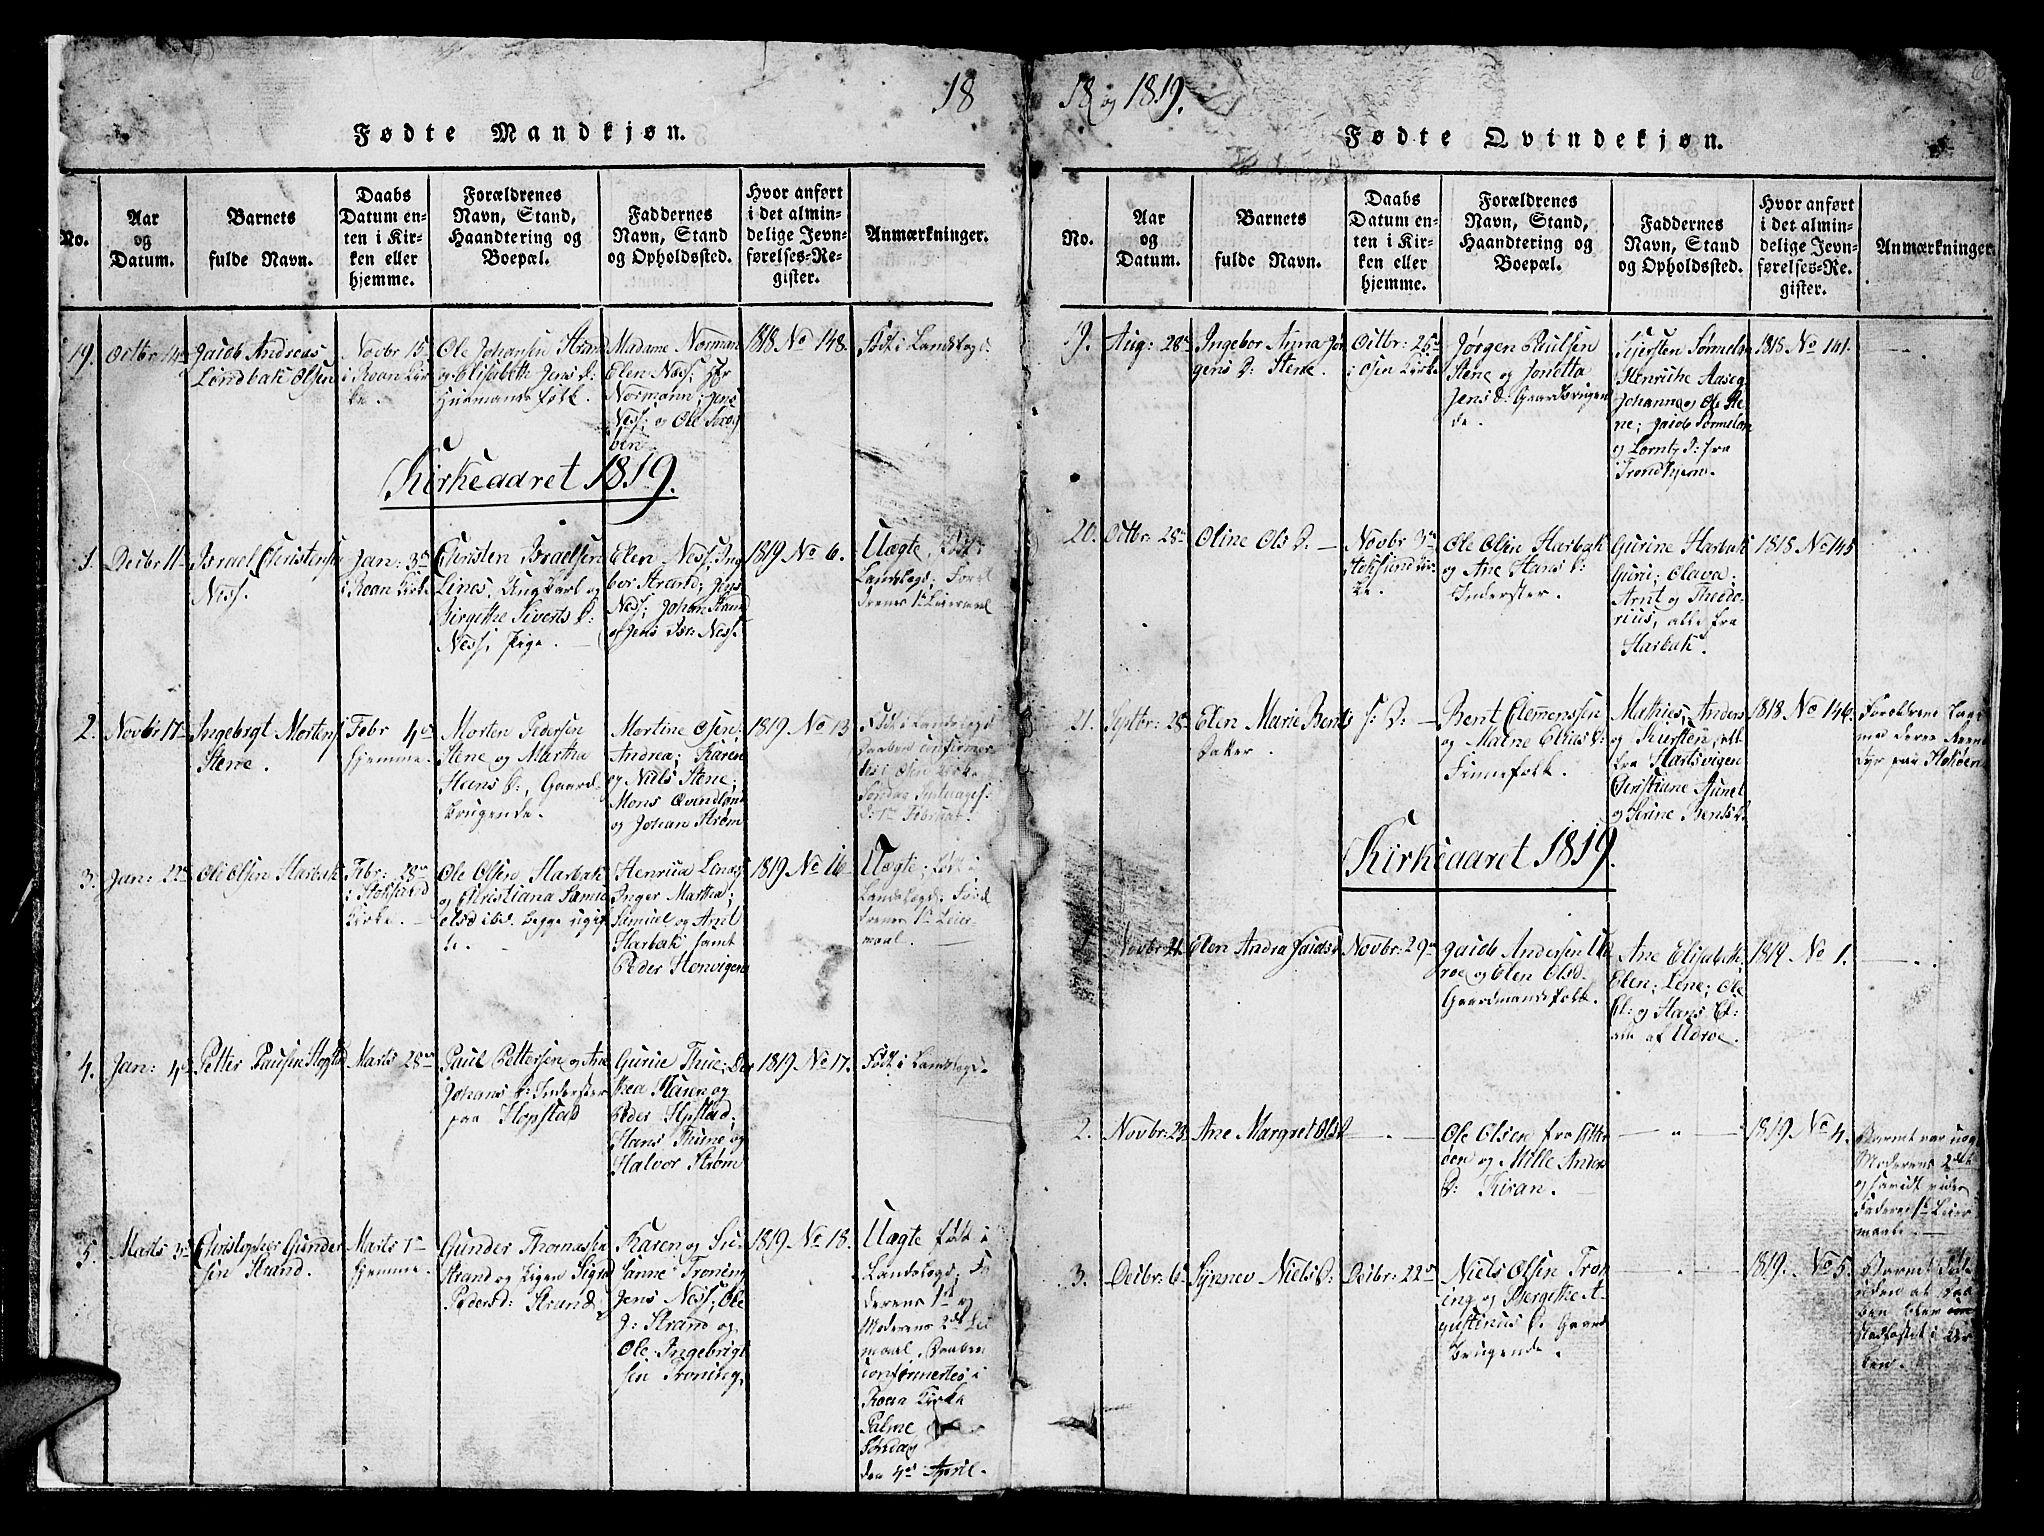 SAT, Ministerialprotokoller, klokkerbøker og fødselsregistre - Sør-Trøndelag, 657/L0714: Klokkerbok nr. 657C01, 1818-1868, s. 6